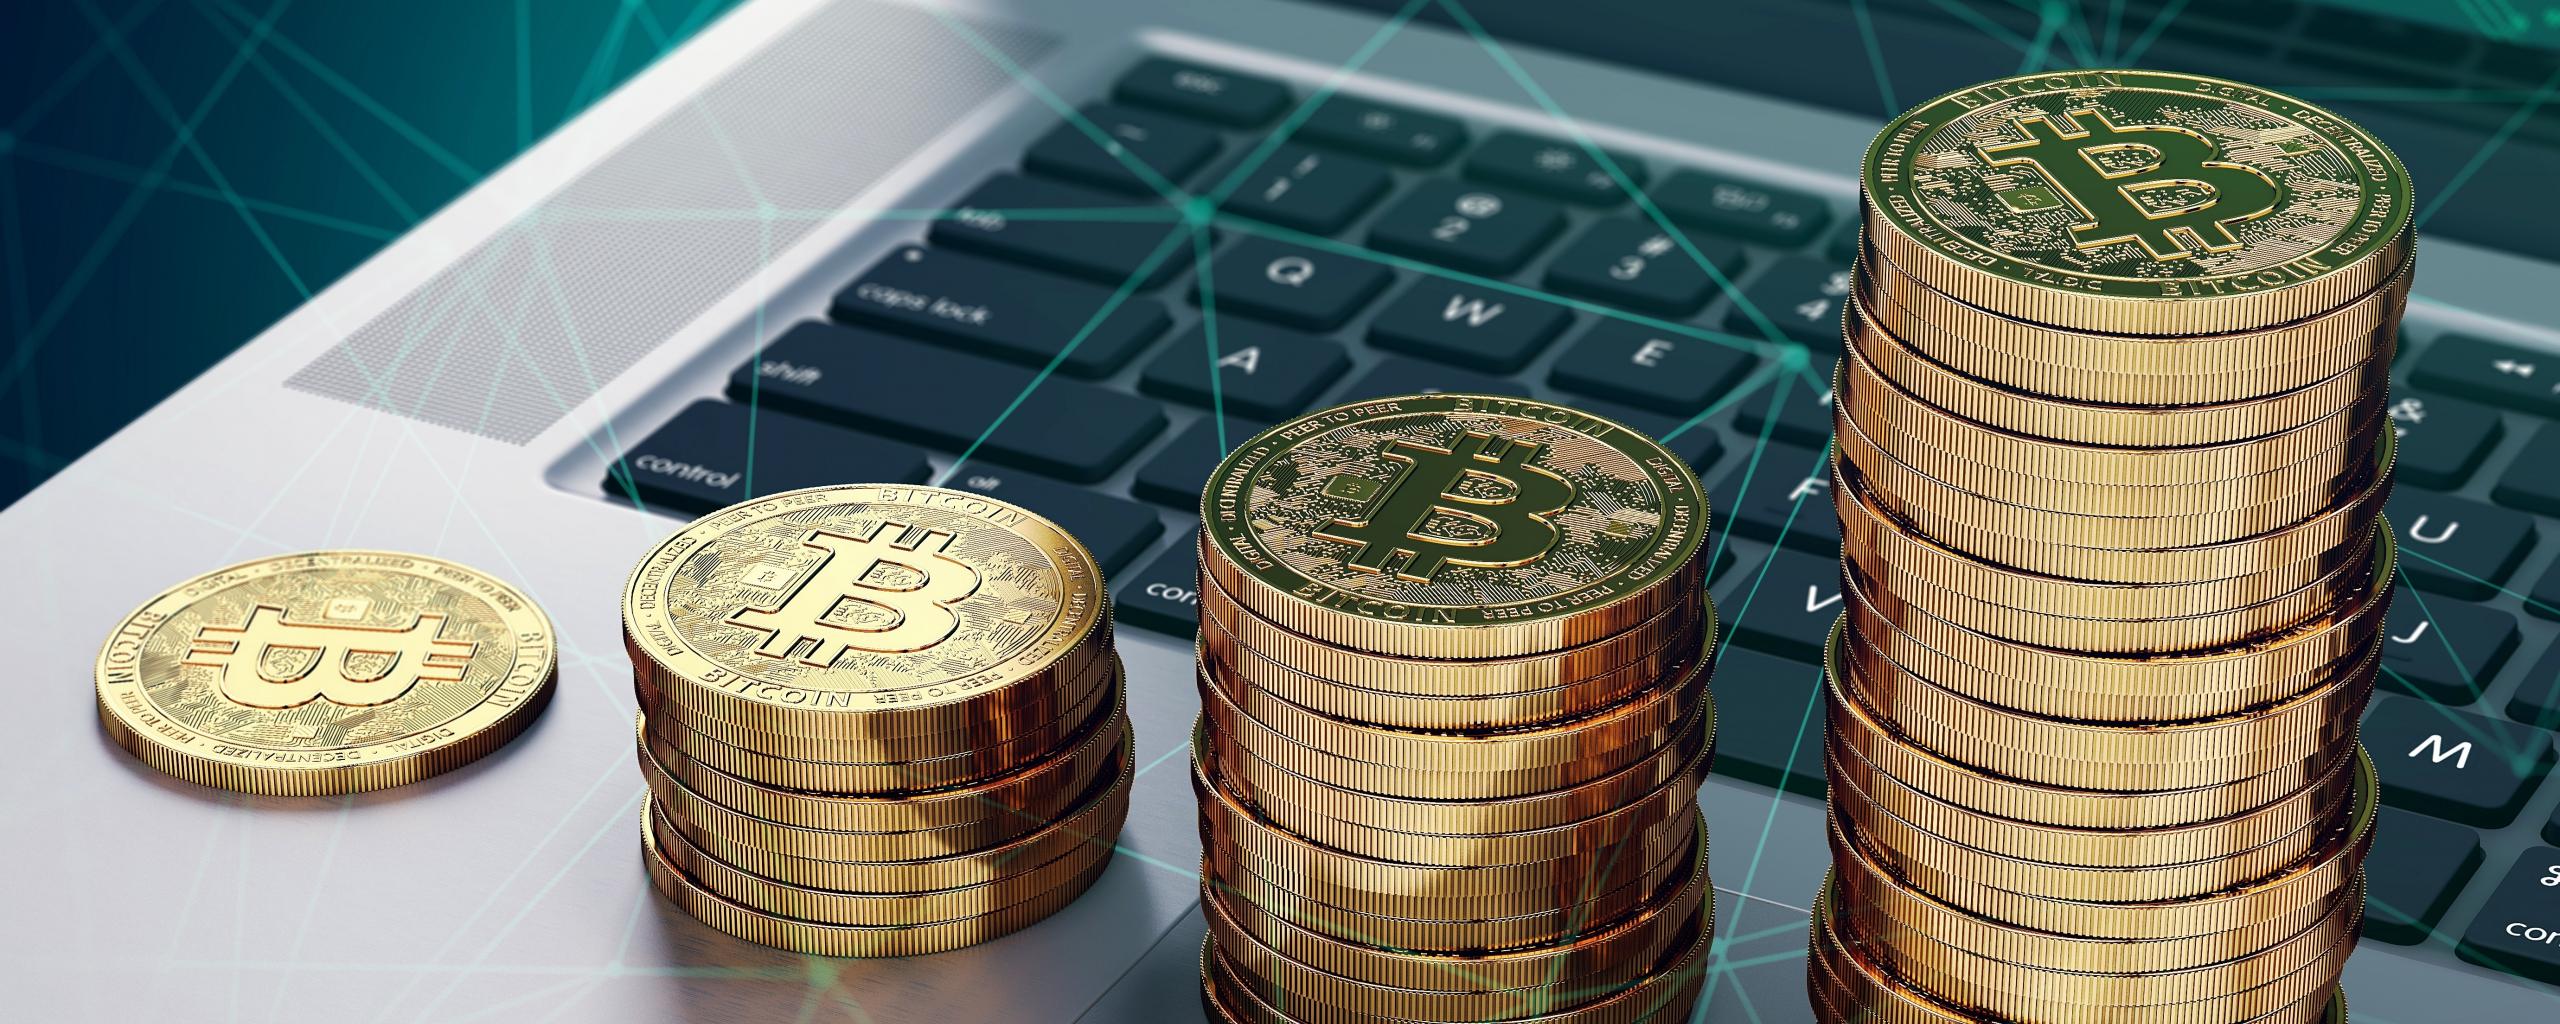 Crypto coins, Bitcoin, tech, 2560x1024 wallpaper